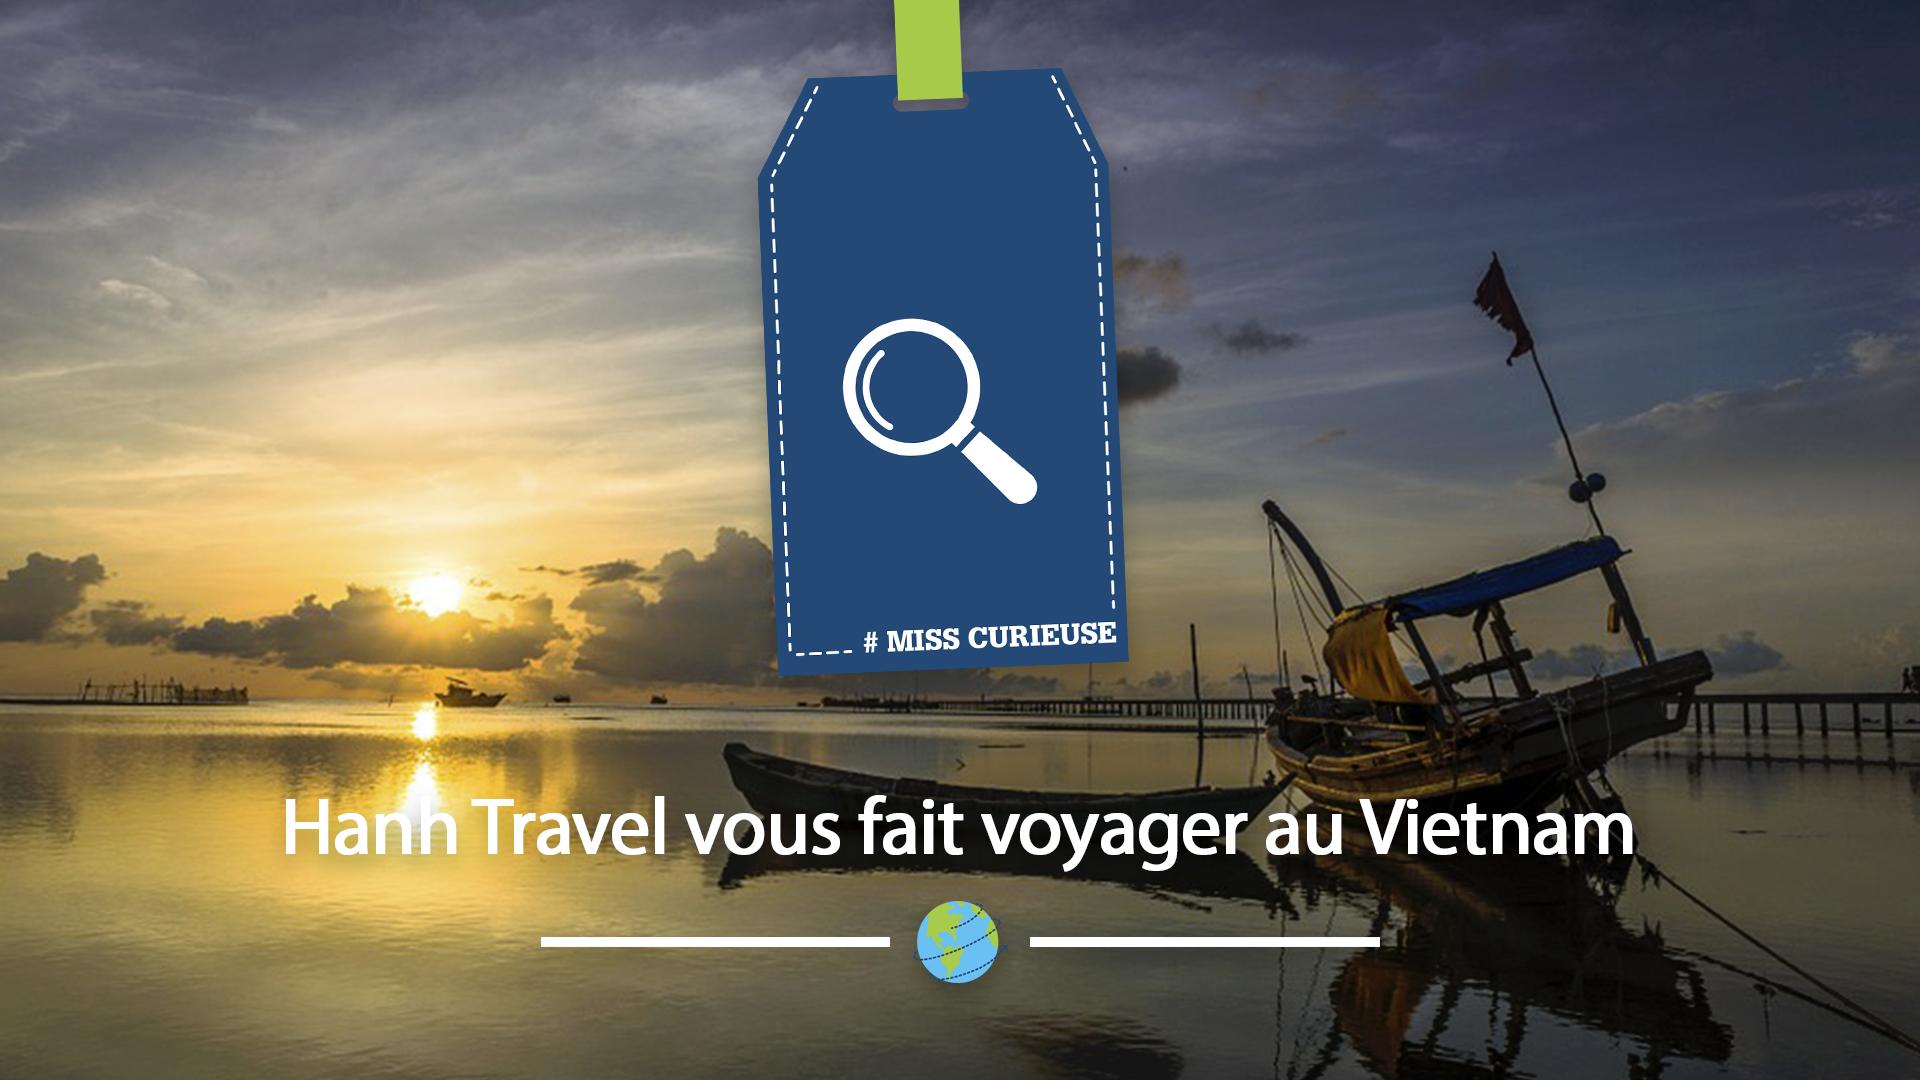 hanh travel voyage au vietnam